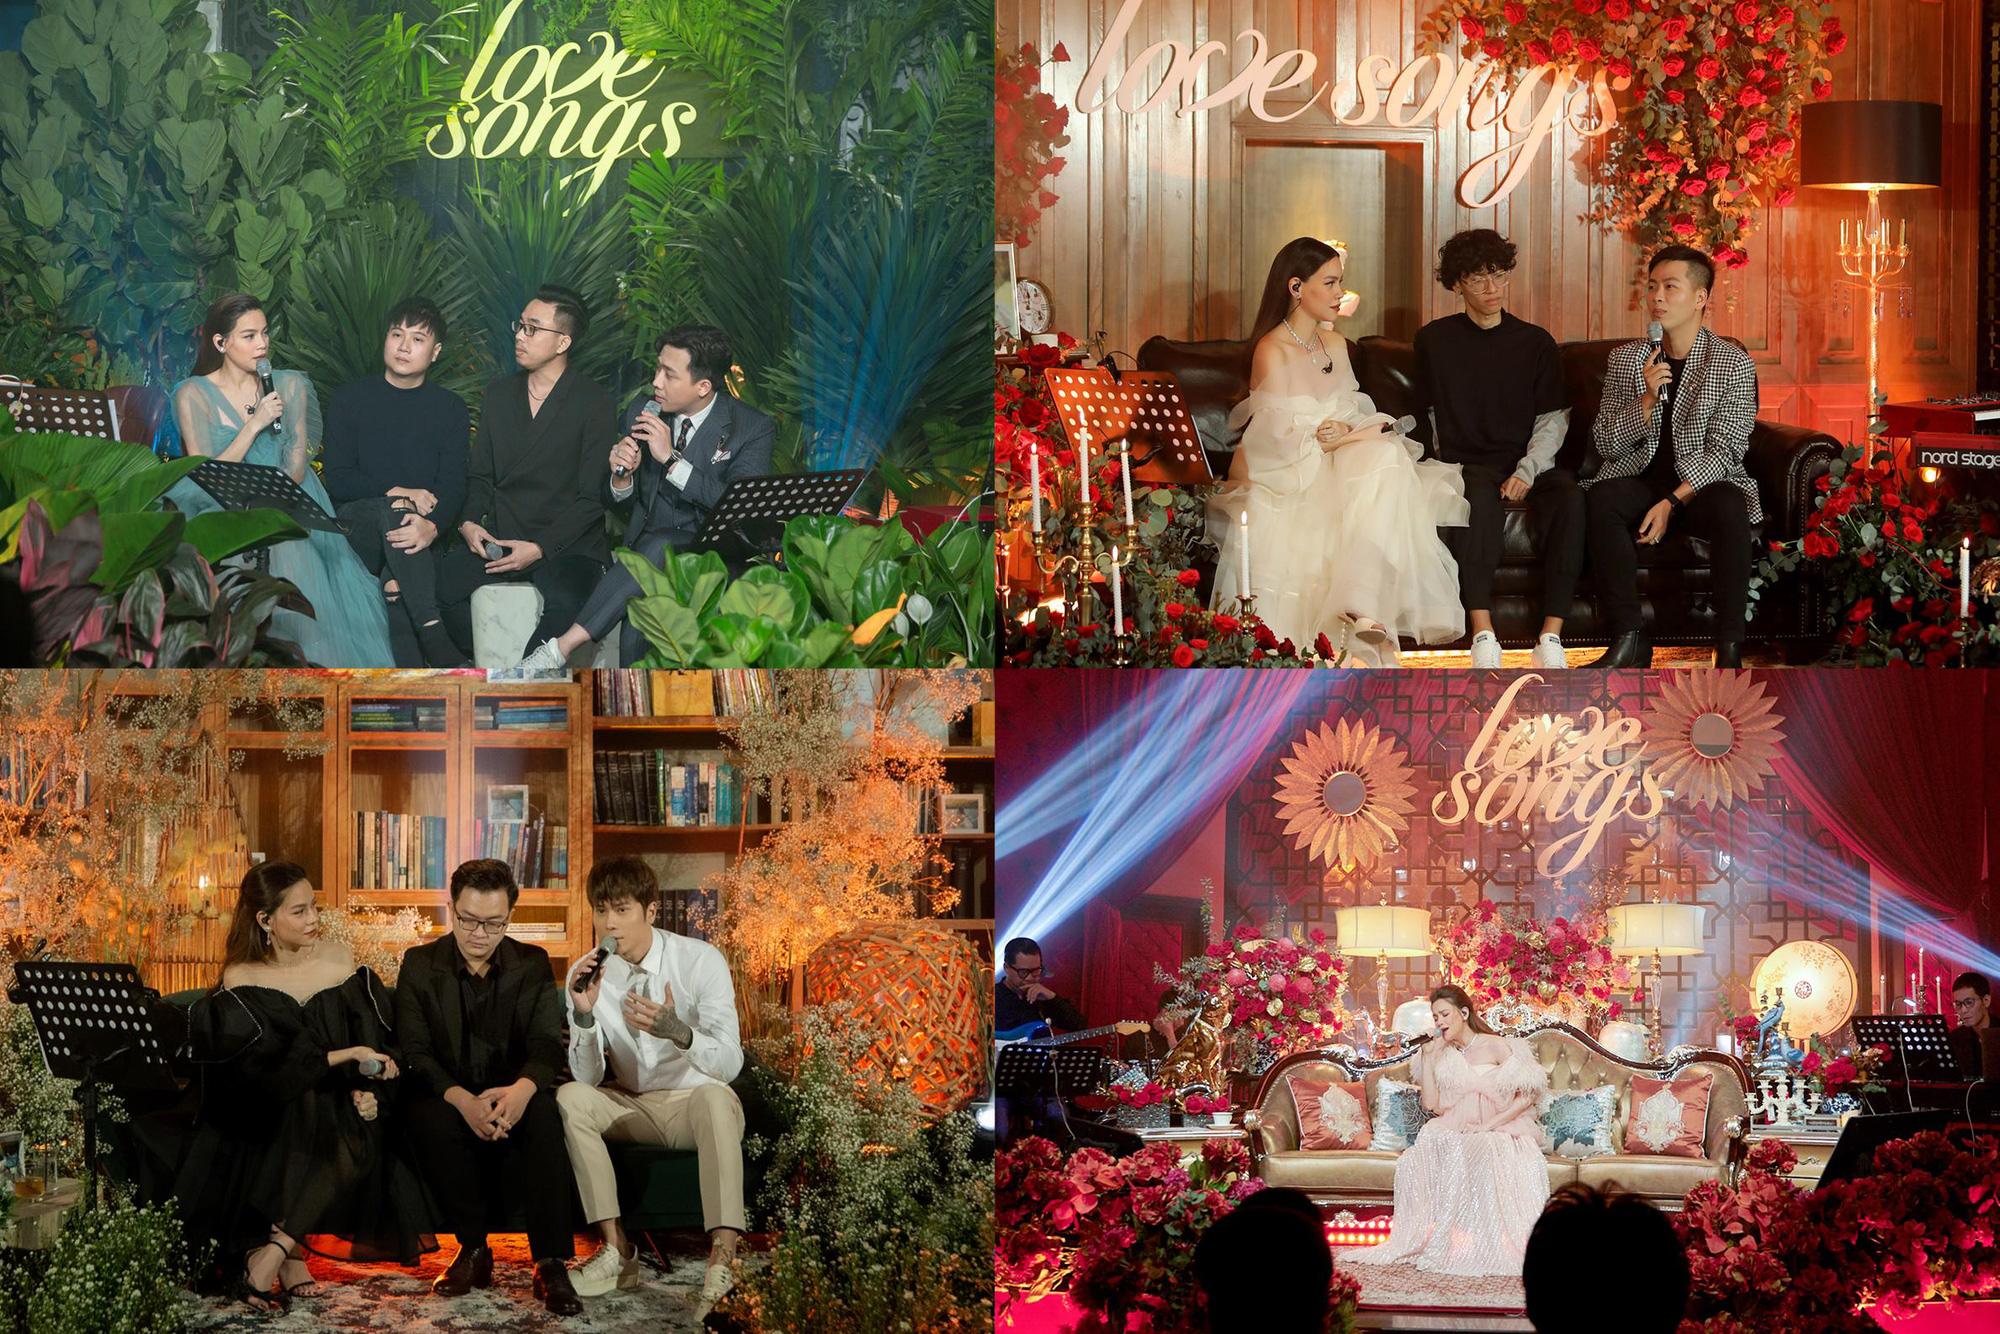 Chuỗi Private Show Love Songs của Hồ Ngọc Hà - điểm sáng của năm về một chương trình âm nhạc đậm chất nghệ thuật - Ảnh 5.